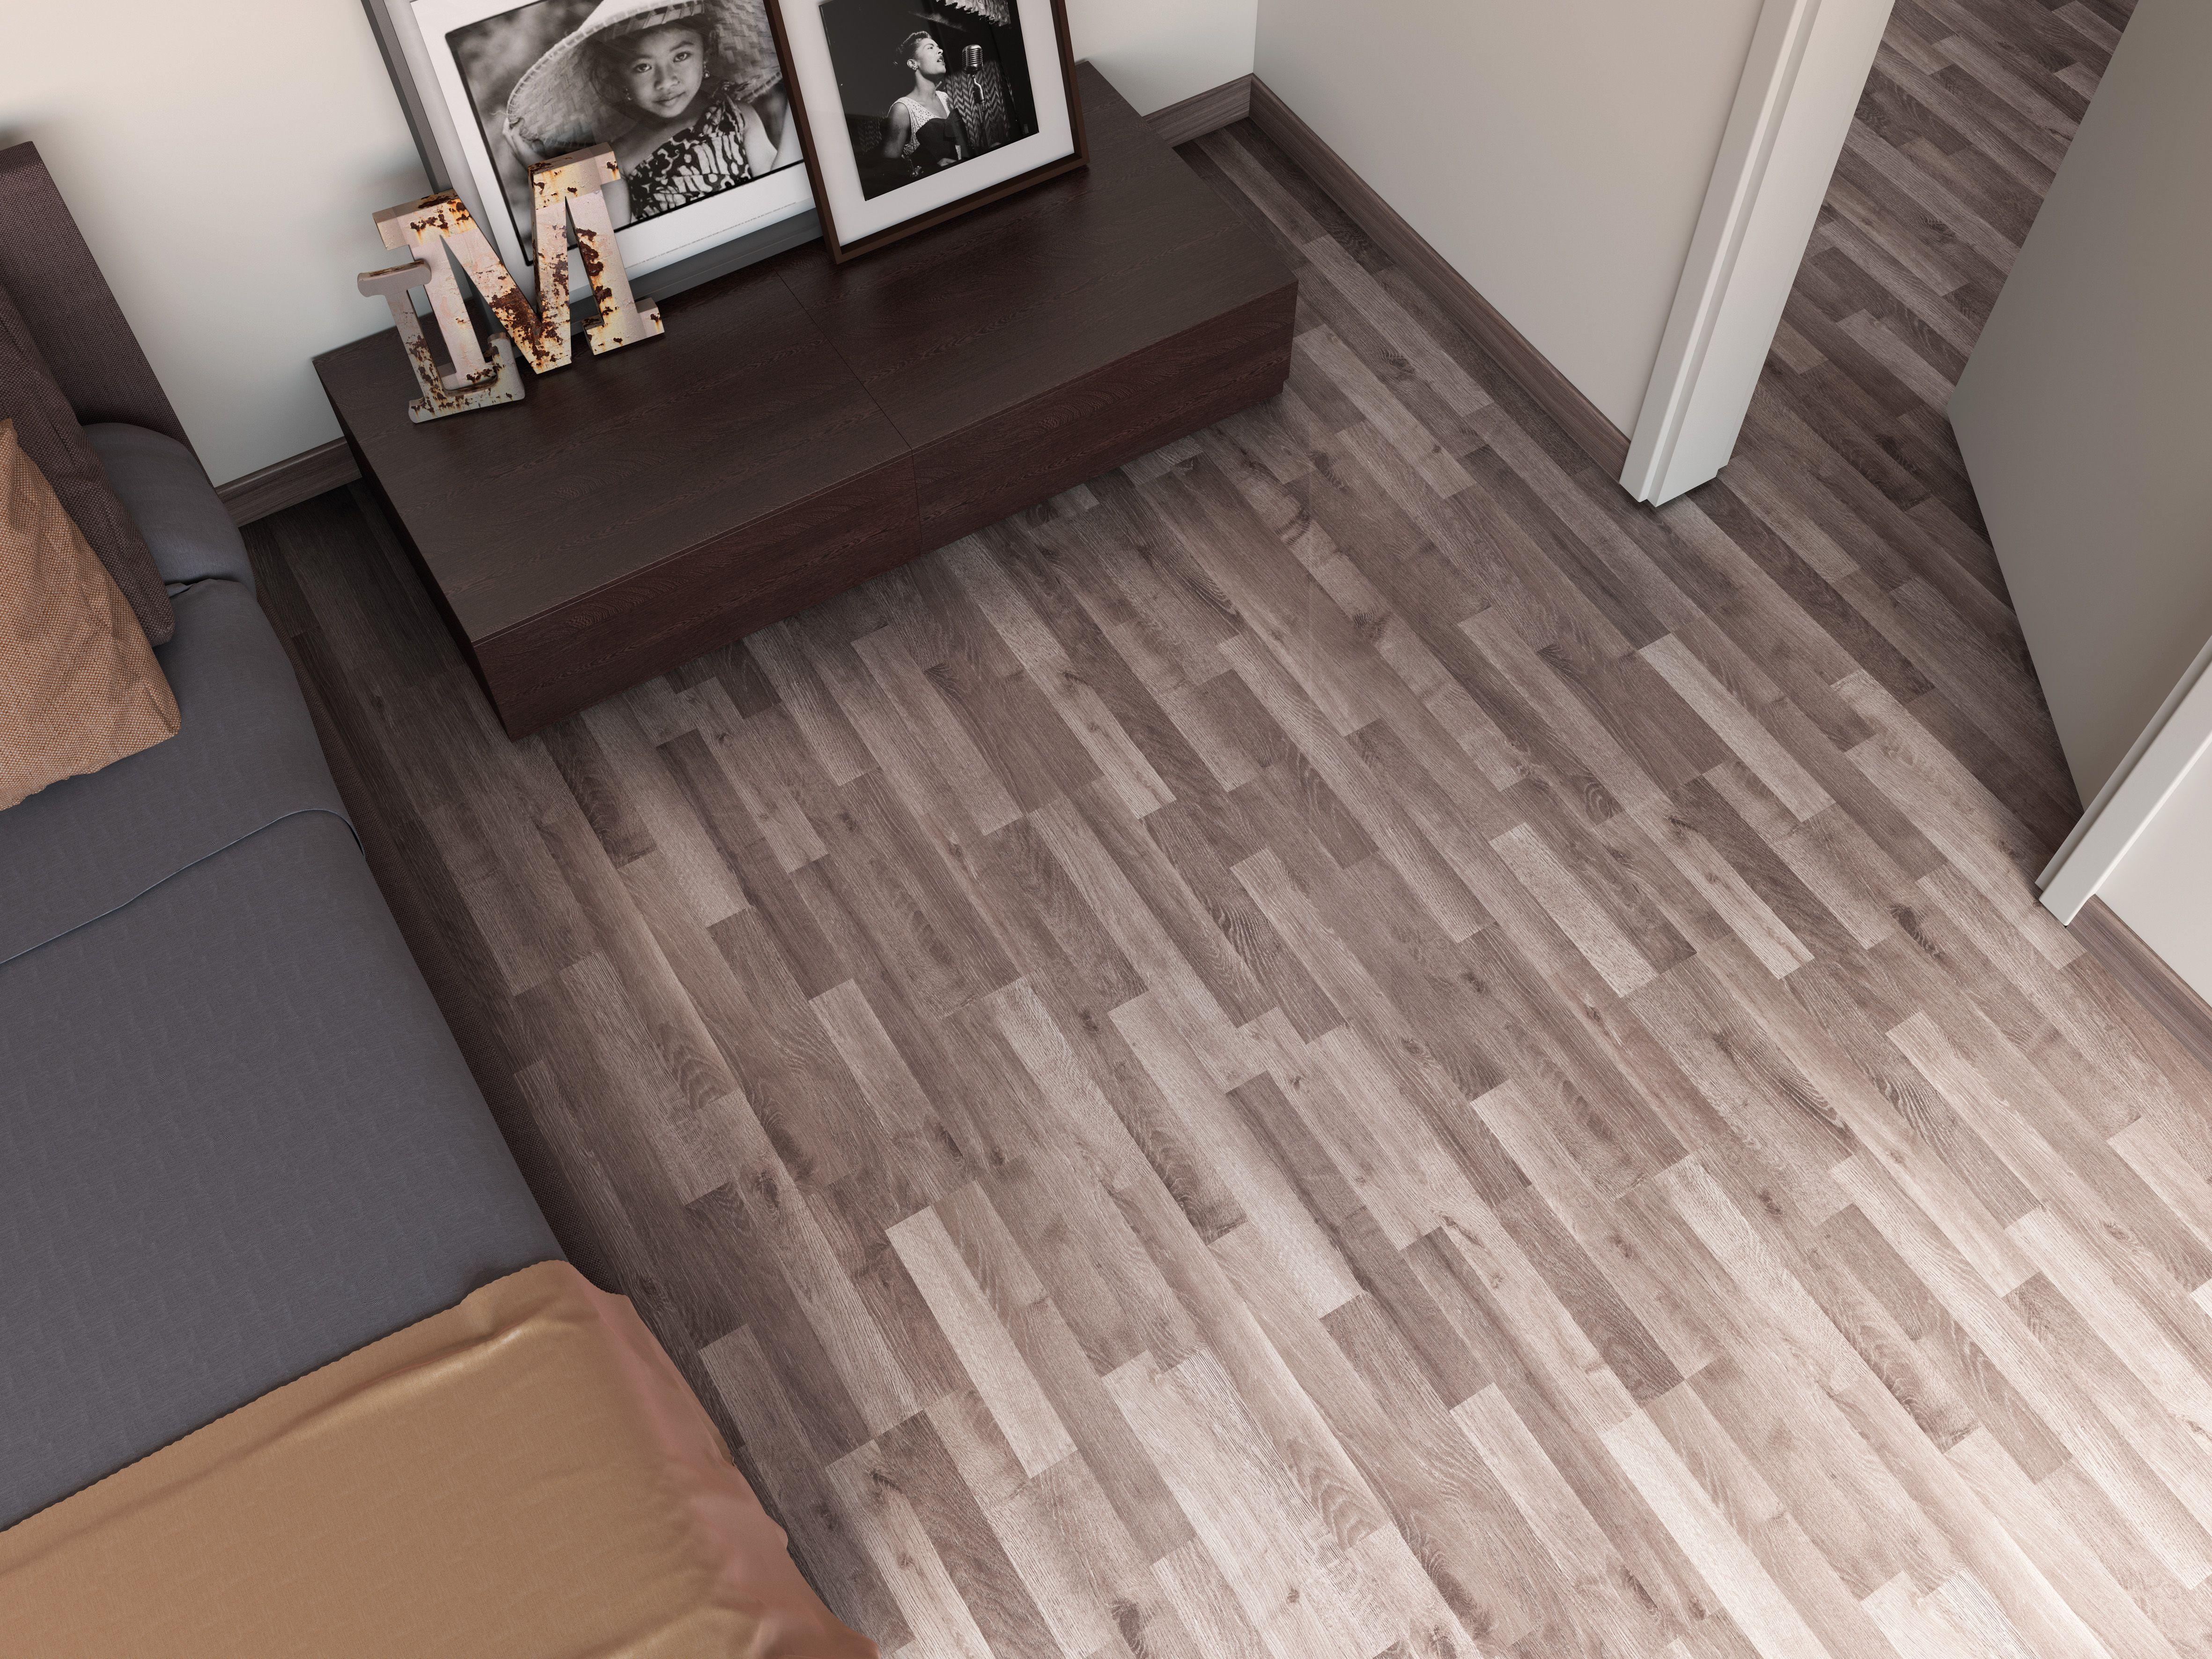 suelos oscuros ideales para decoraciones minimalistas o On suelos laminados oscuros